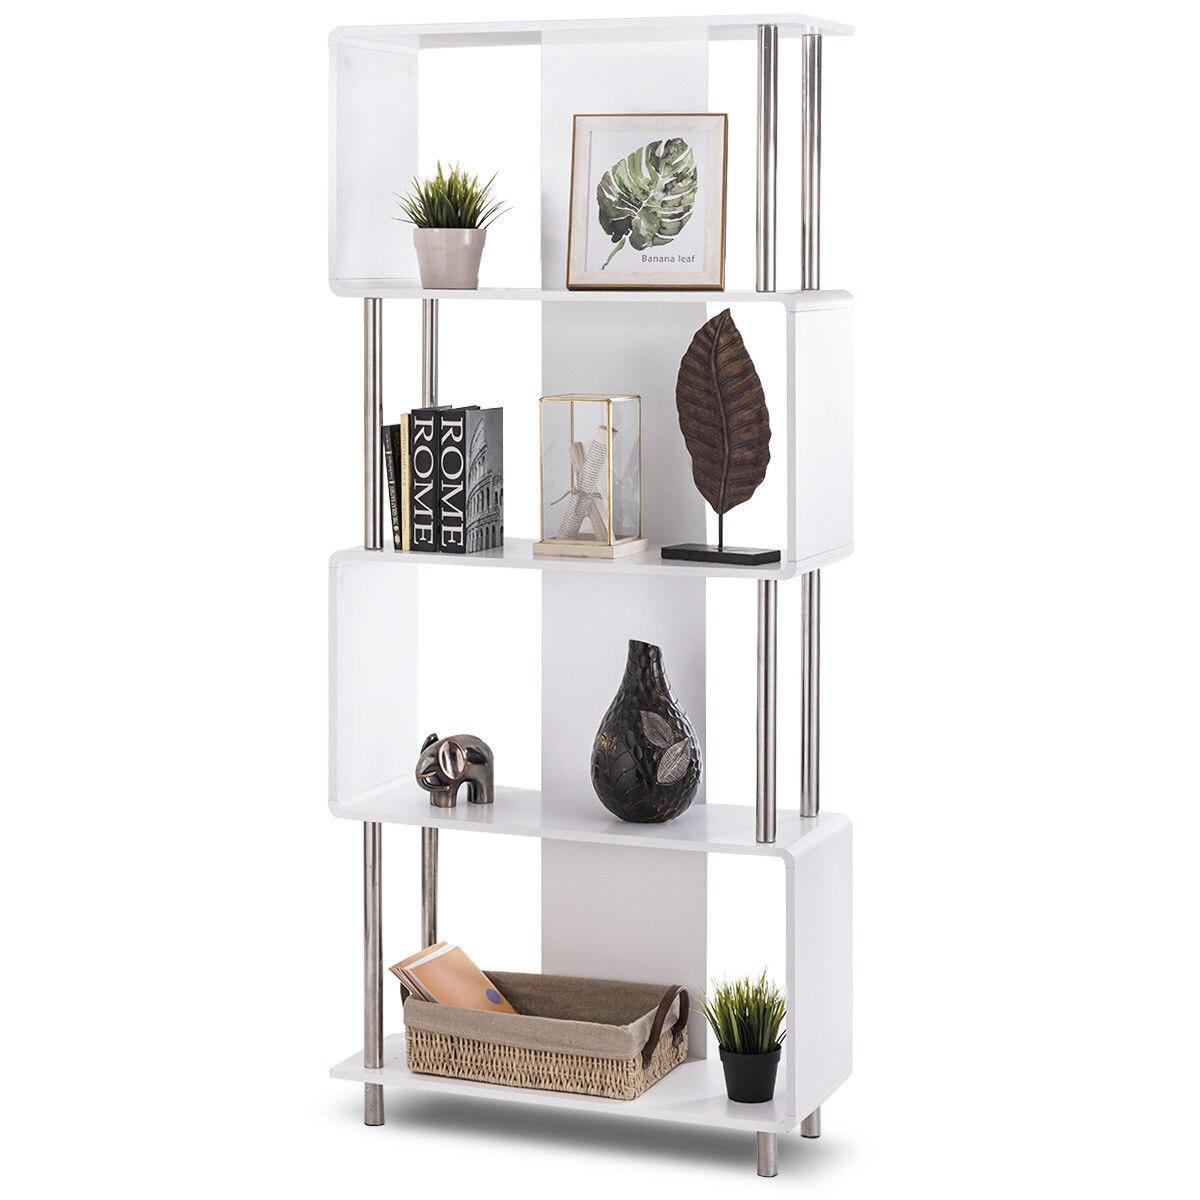 Giantex estilo Industrial 4 estantería moderna estantería sala de almacenamiento en habitación unidad de visualización estantería blanca muebles para el hogar HW56698